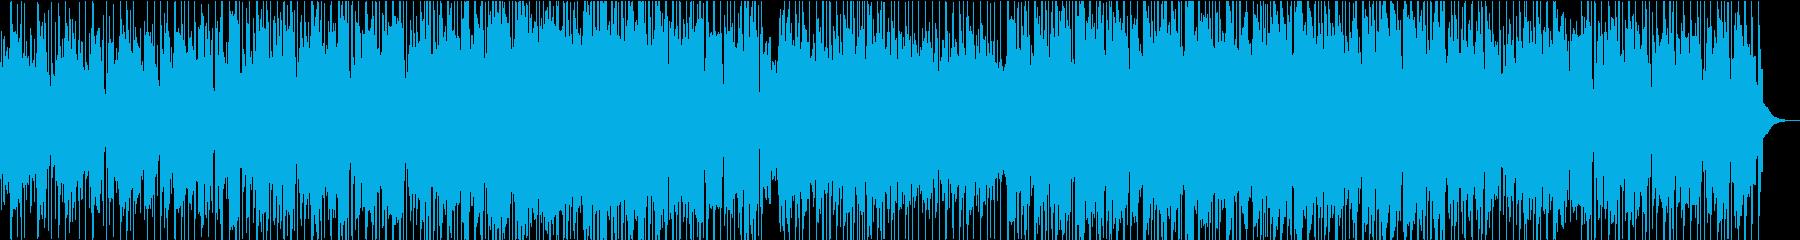 レディー・クラヴィッツとクライマッ...の再生済みの波形